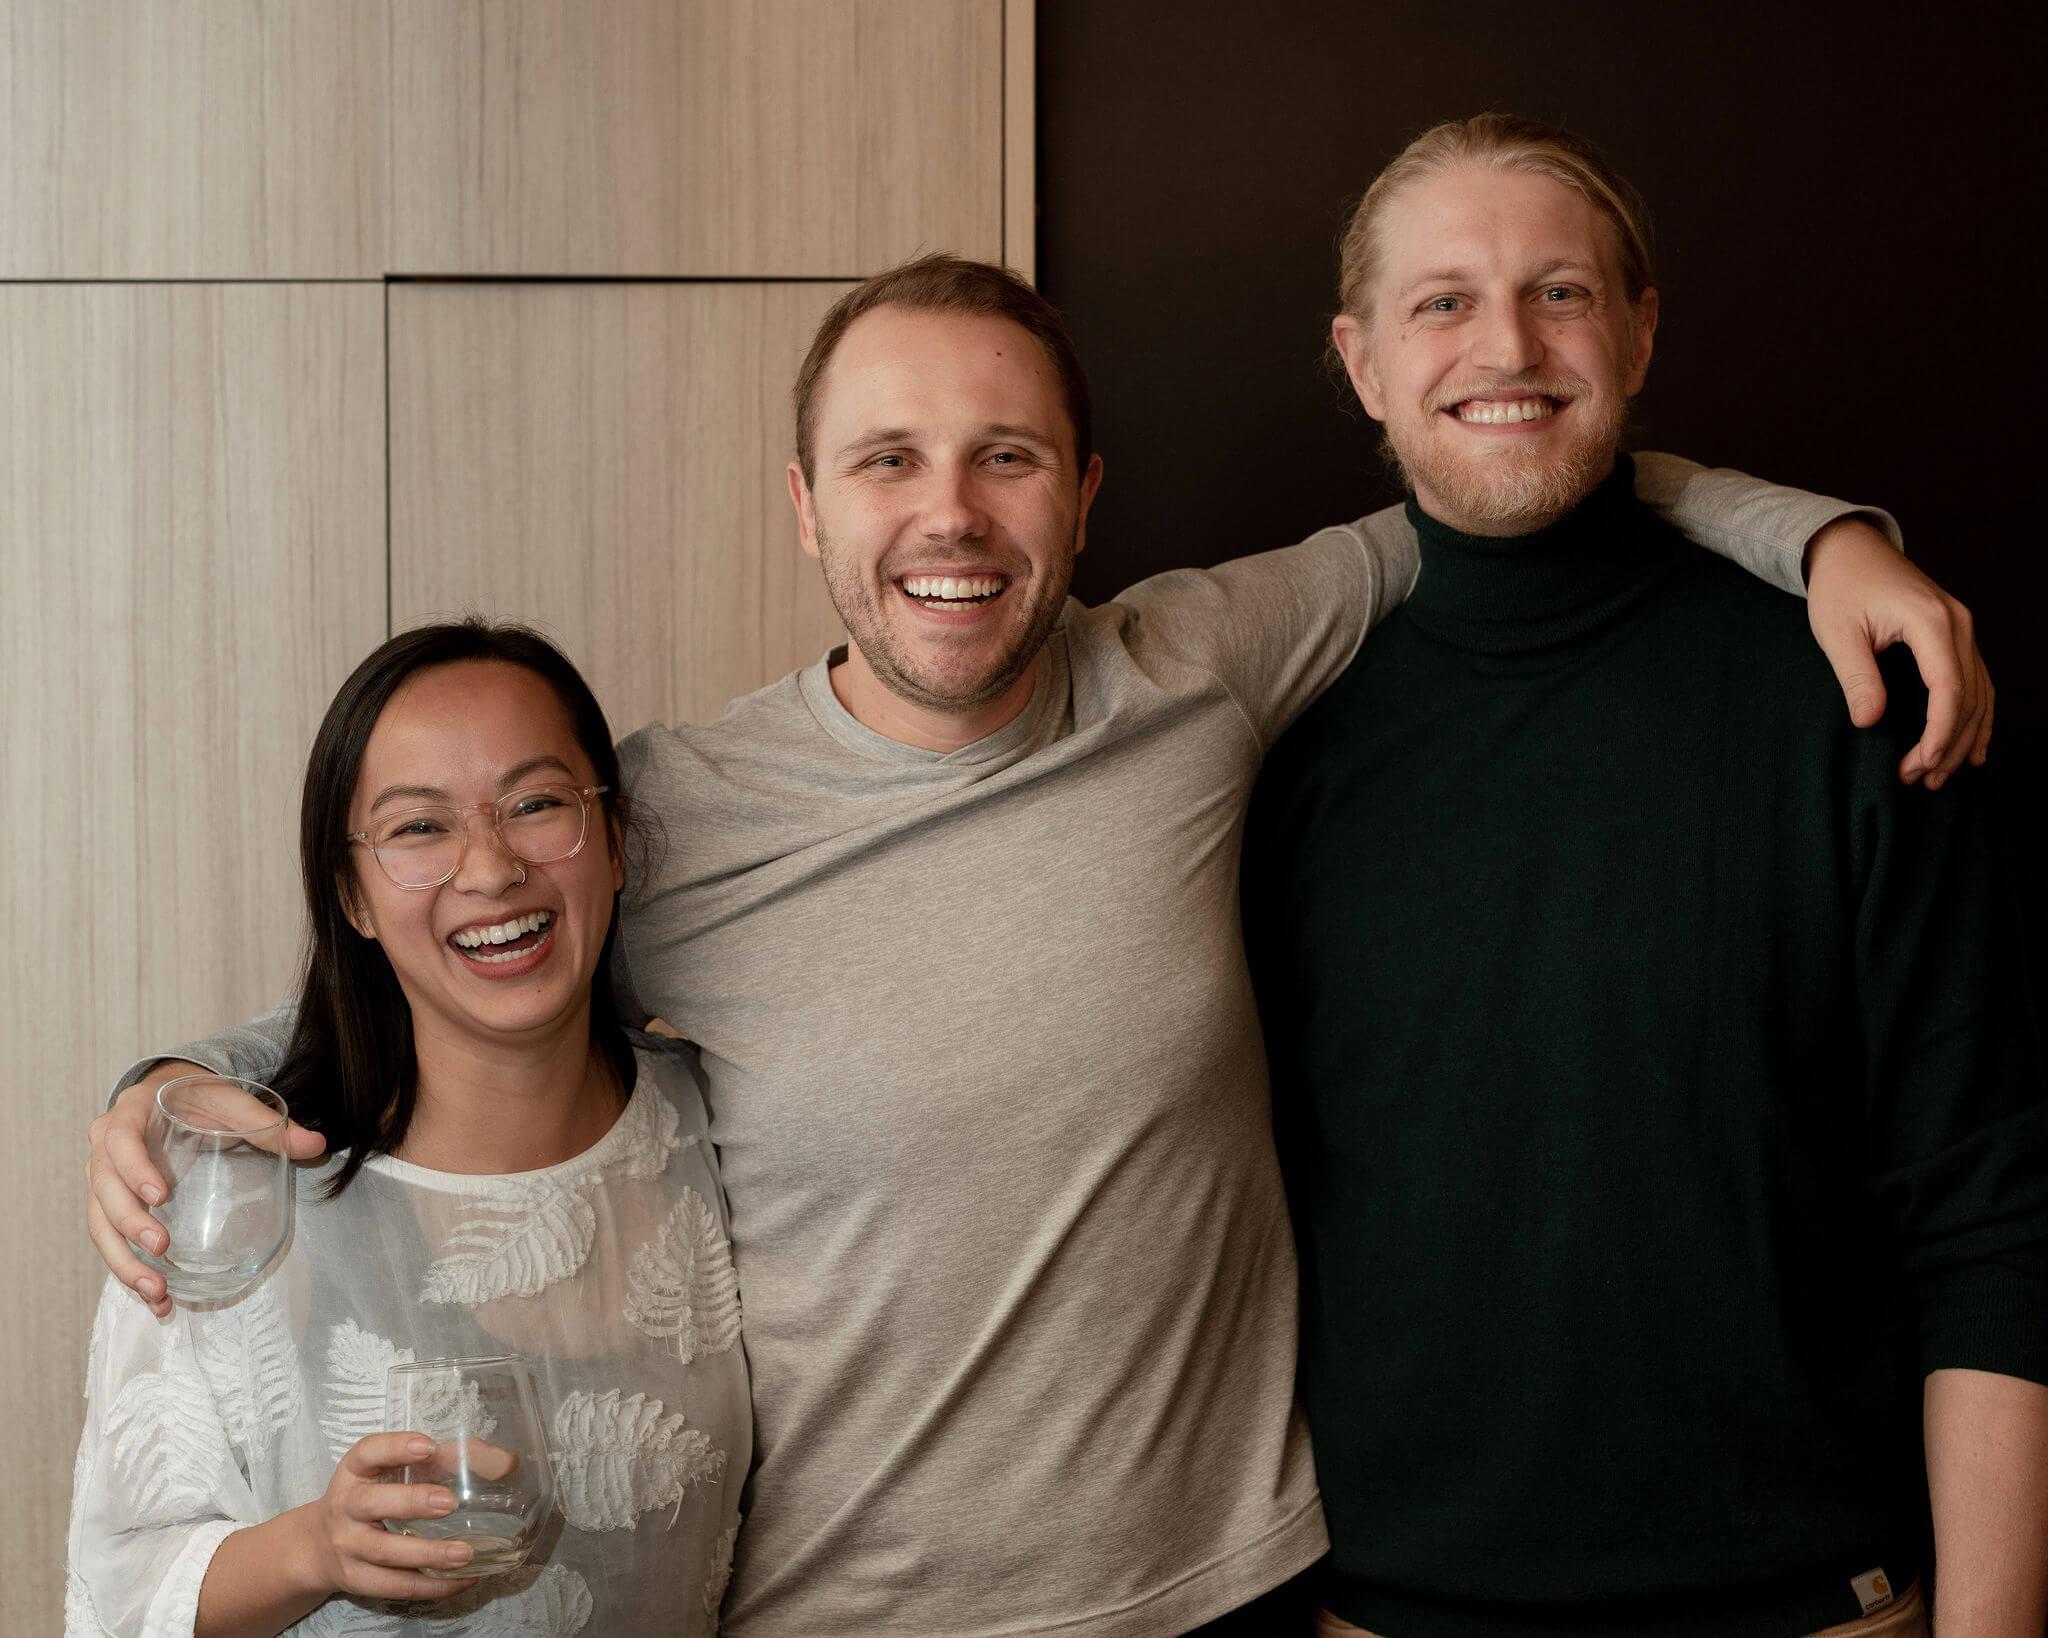 los tres fundadores de la empresa Fable Home